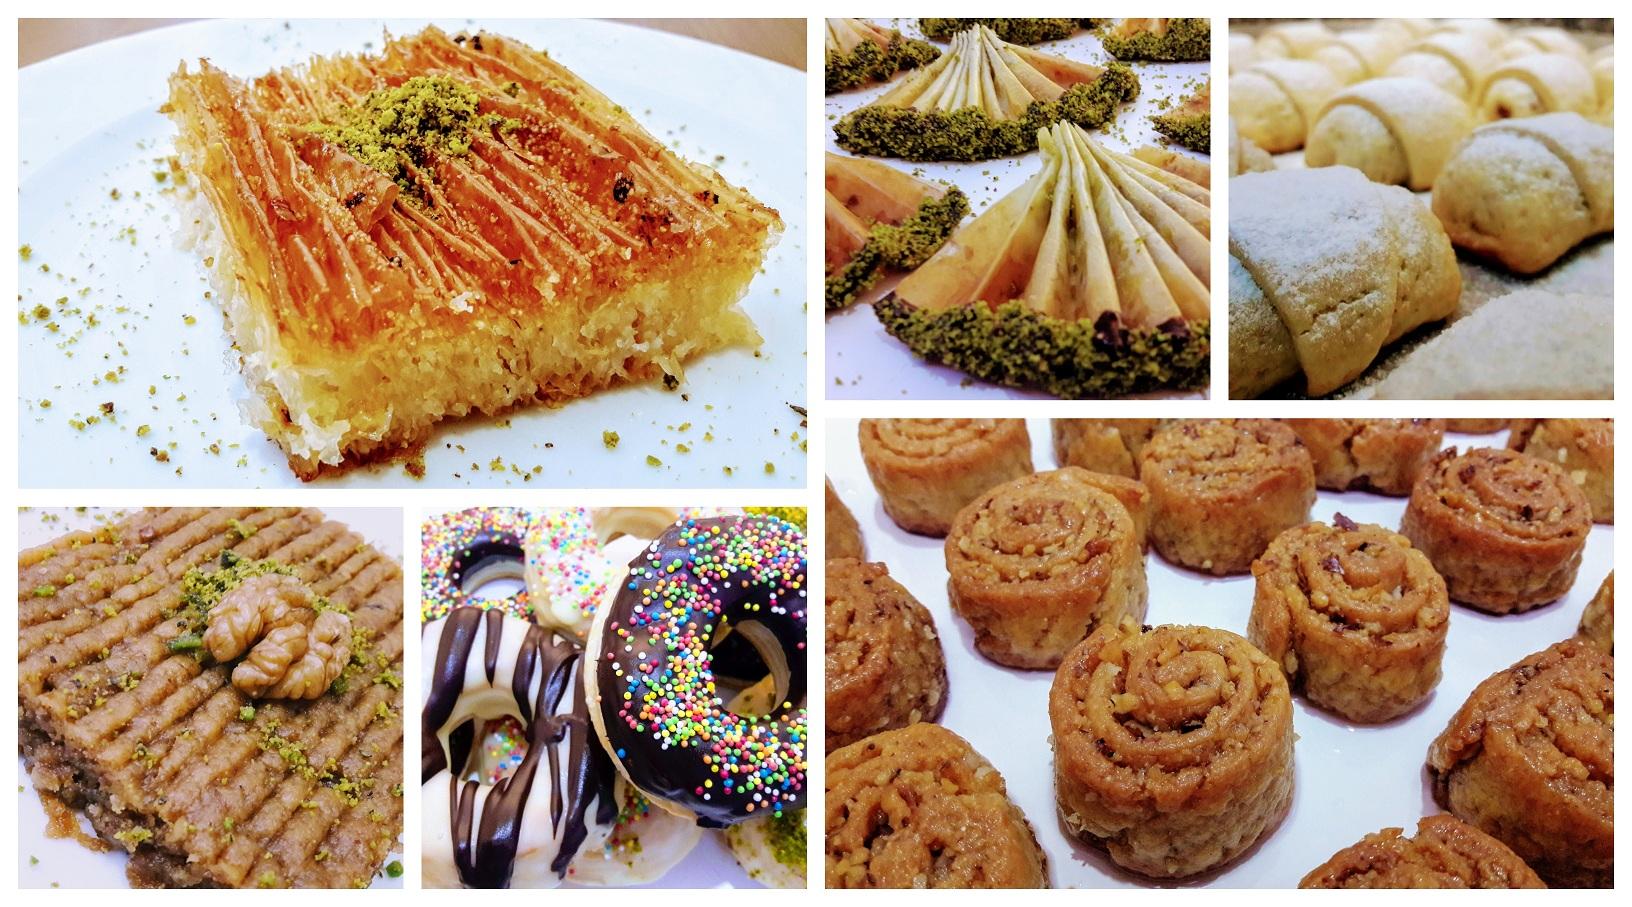 Tatlı tarifleri ve yapılışları şerbetli tatlı tarifleri ve diğer tüm tatlılar ve tarifleri için buyurun